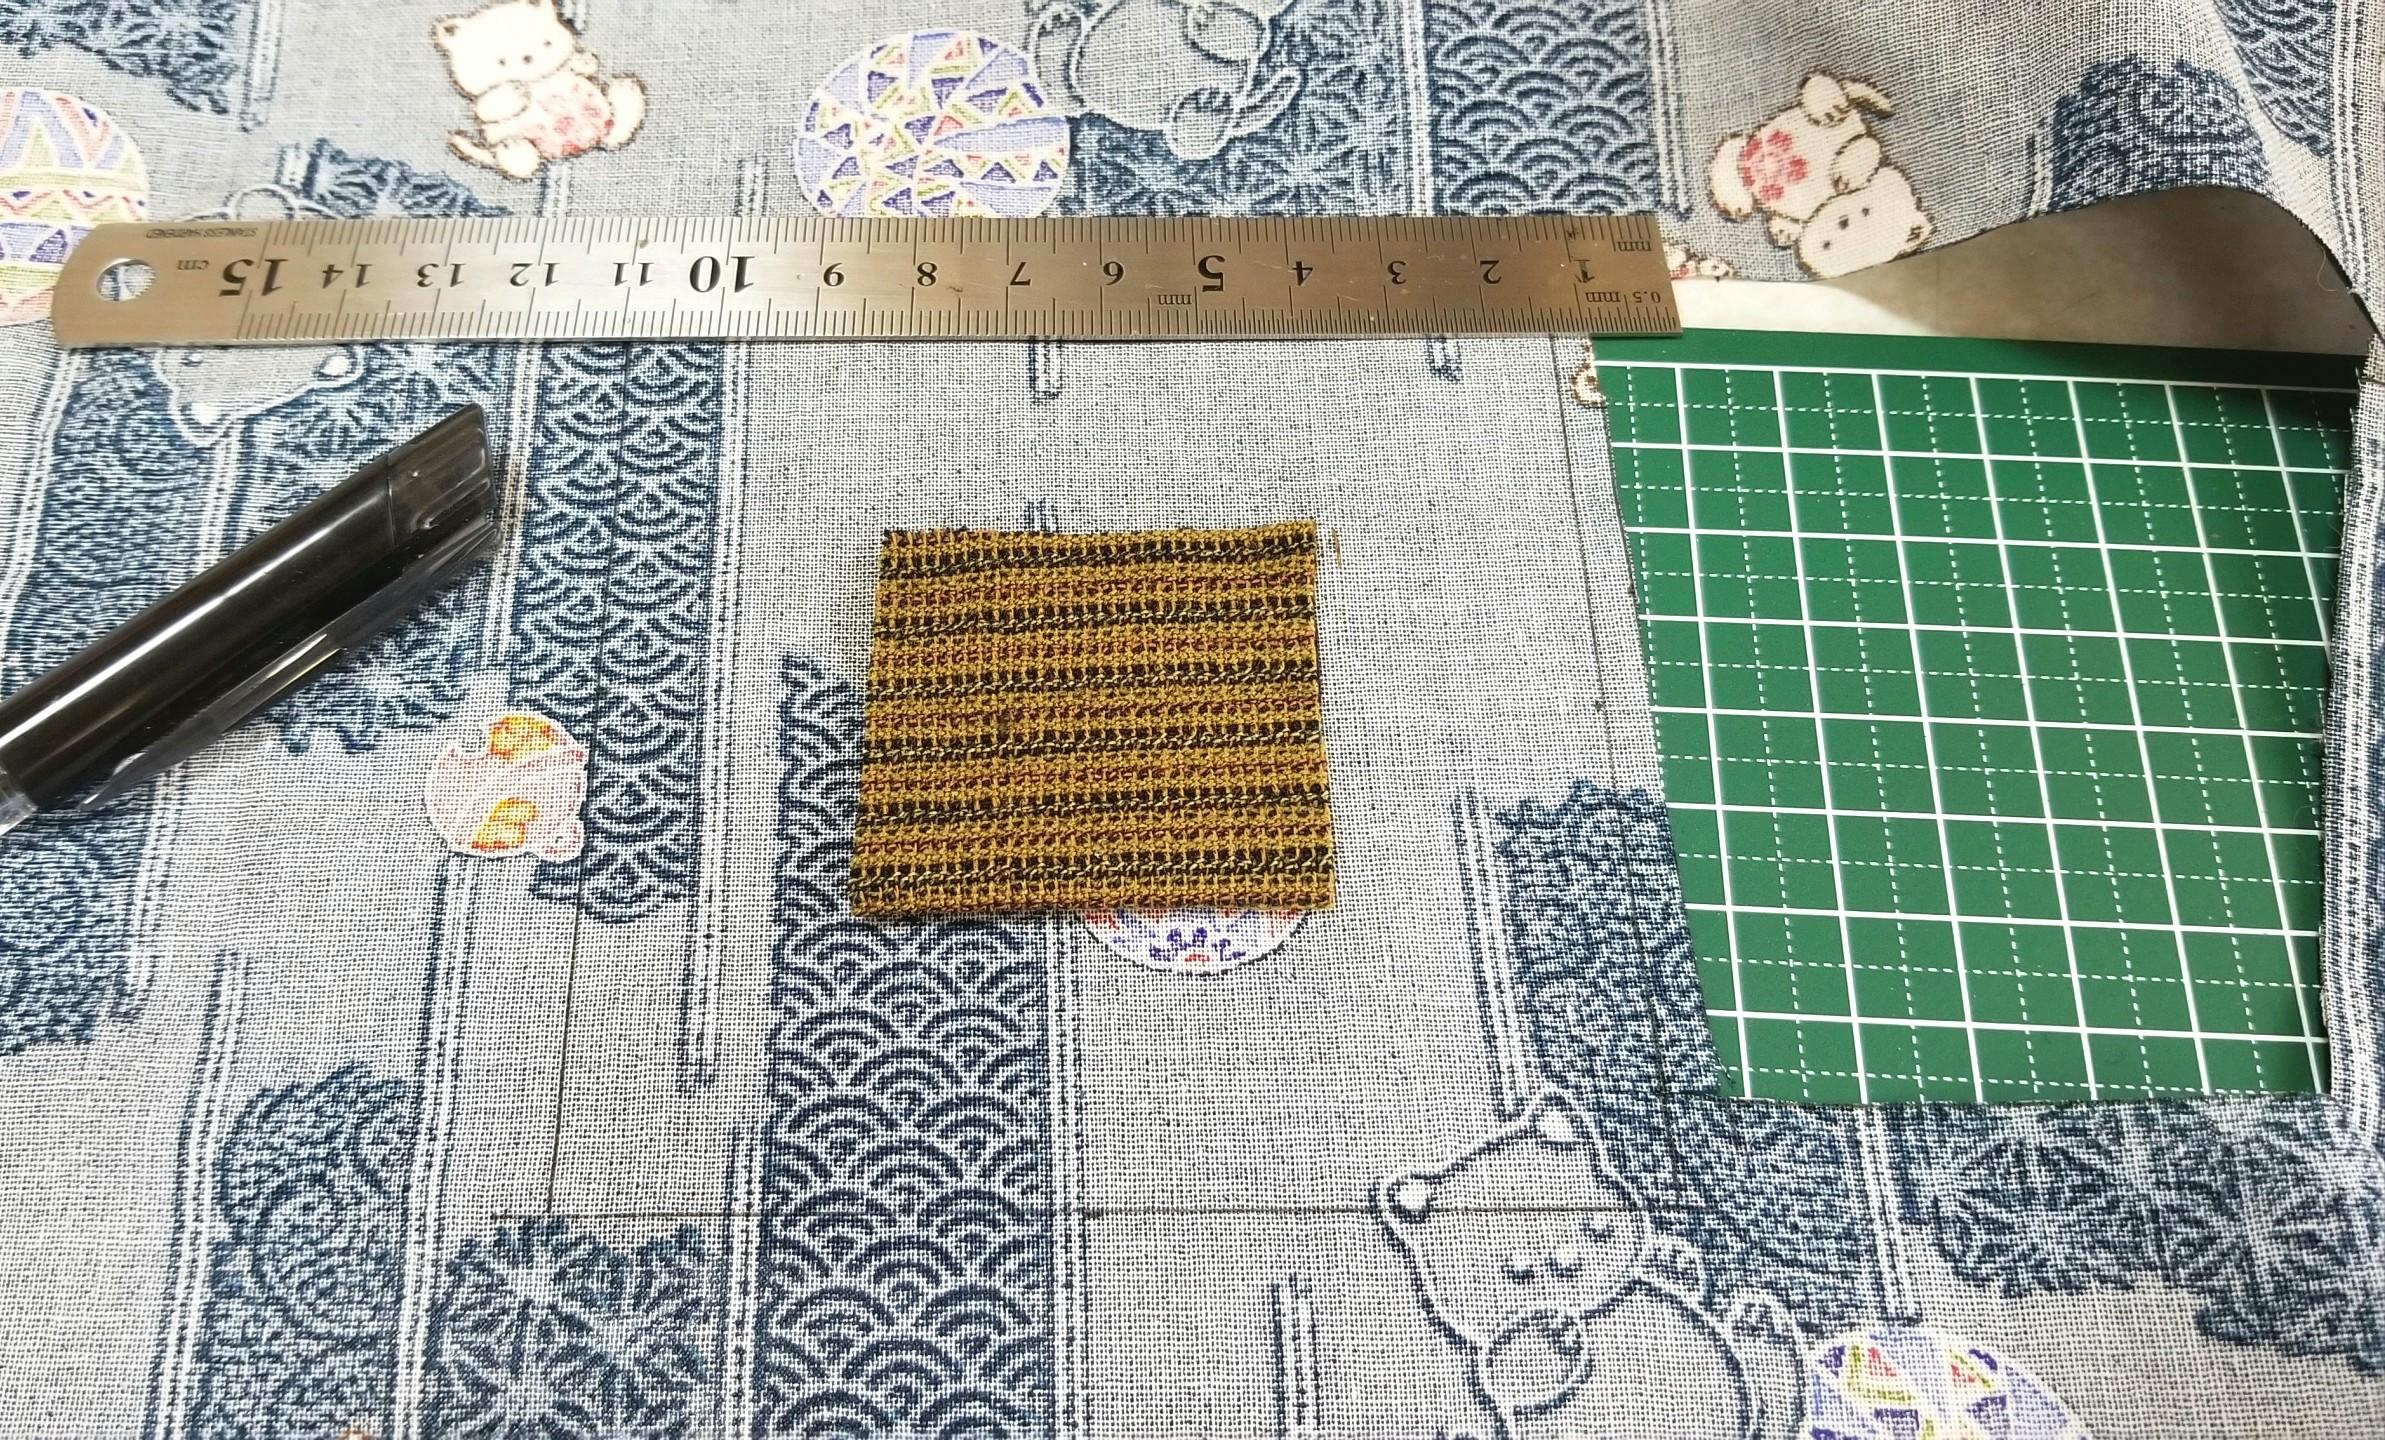 ミニチュアフード,座布団,作り方,縫い方,和菓子屋,布,ドールハウス